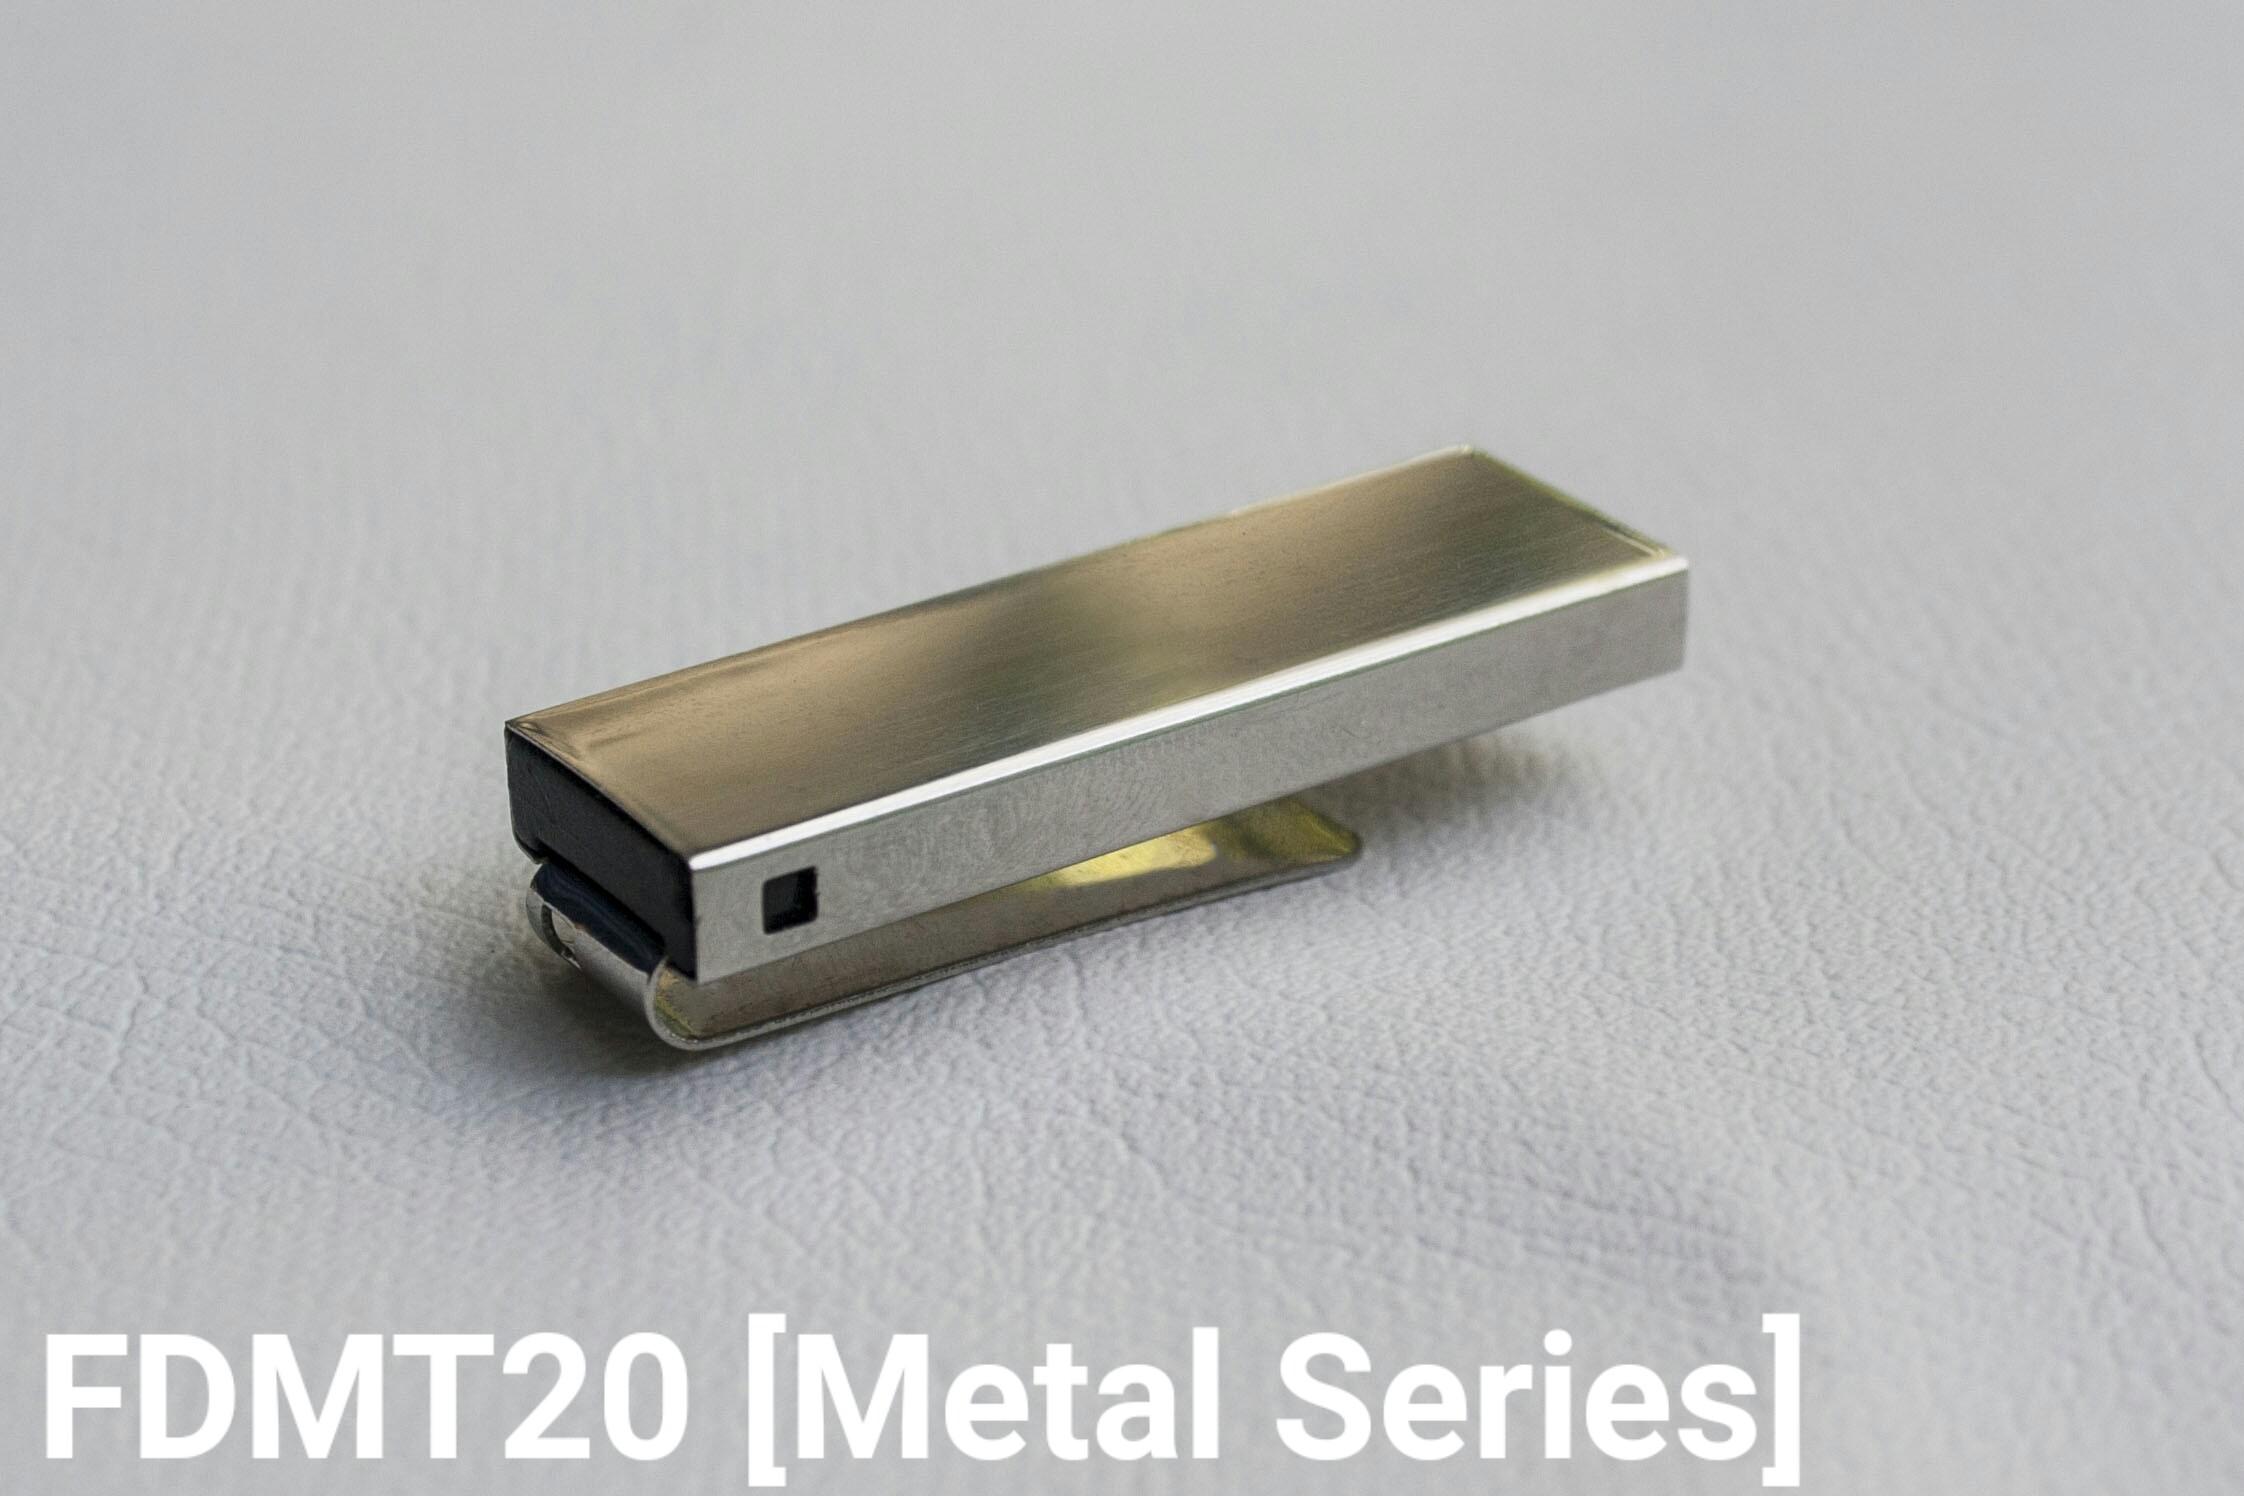 Flashdisk Metal Series